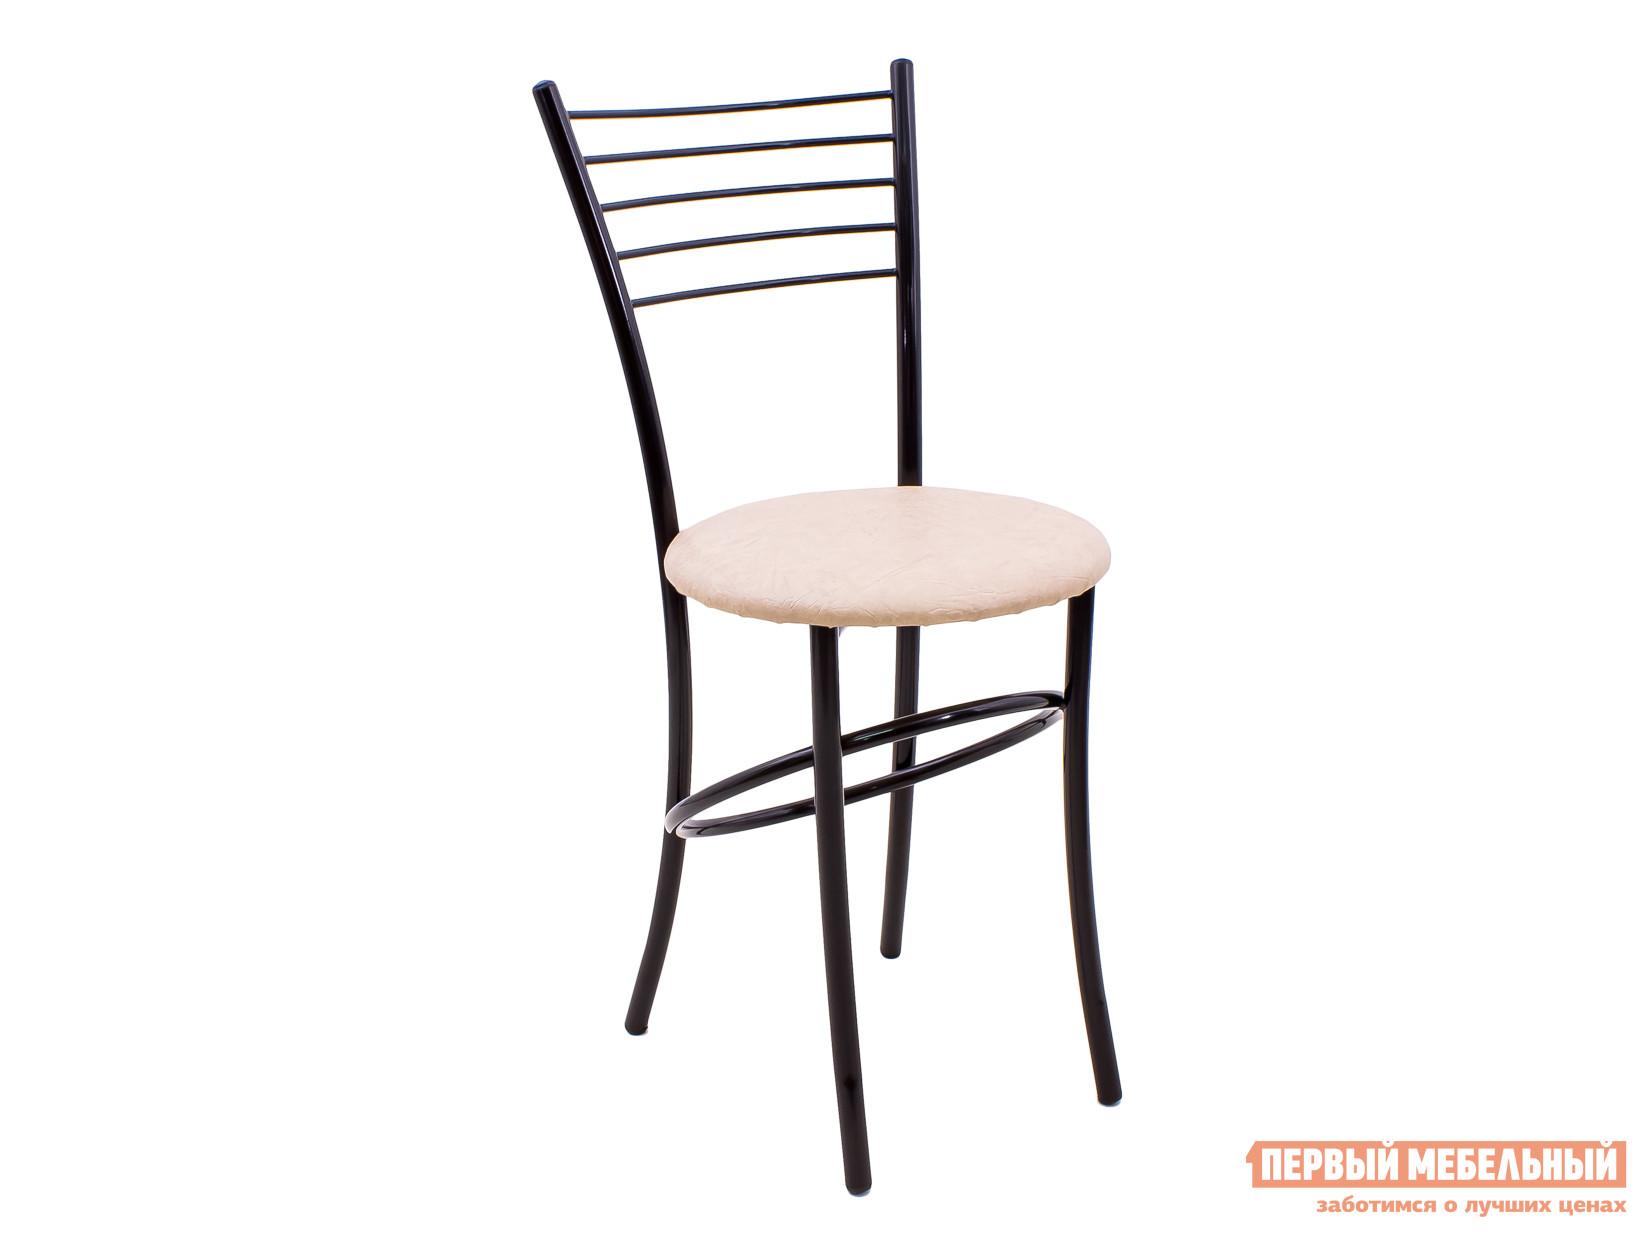 Кухонный стул Амис Сатурн Кремовый, Каркас черный глянец от Купистол